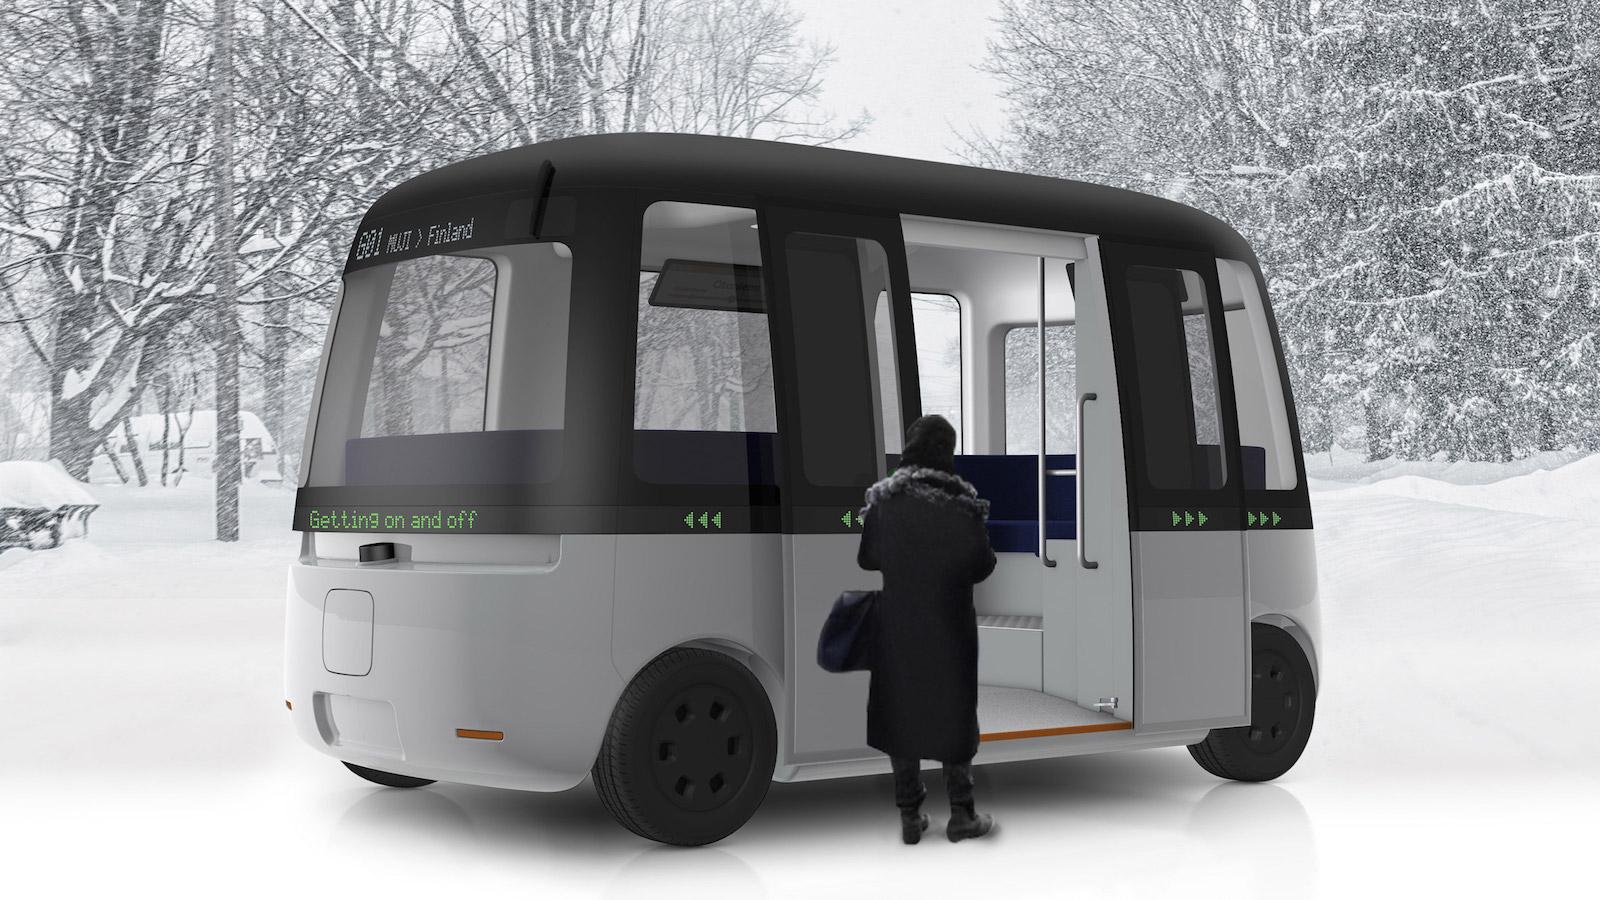 Značka Muji navrhla autonomní autobus Gacha do každého počasí